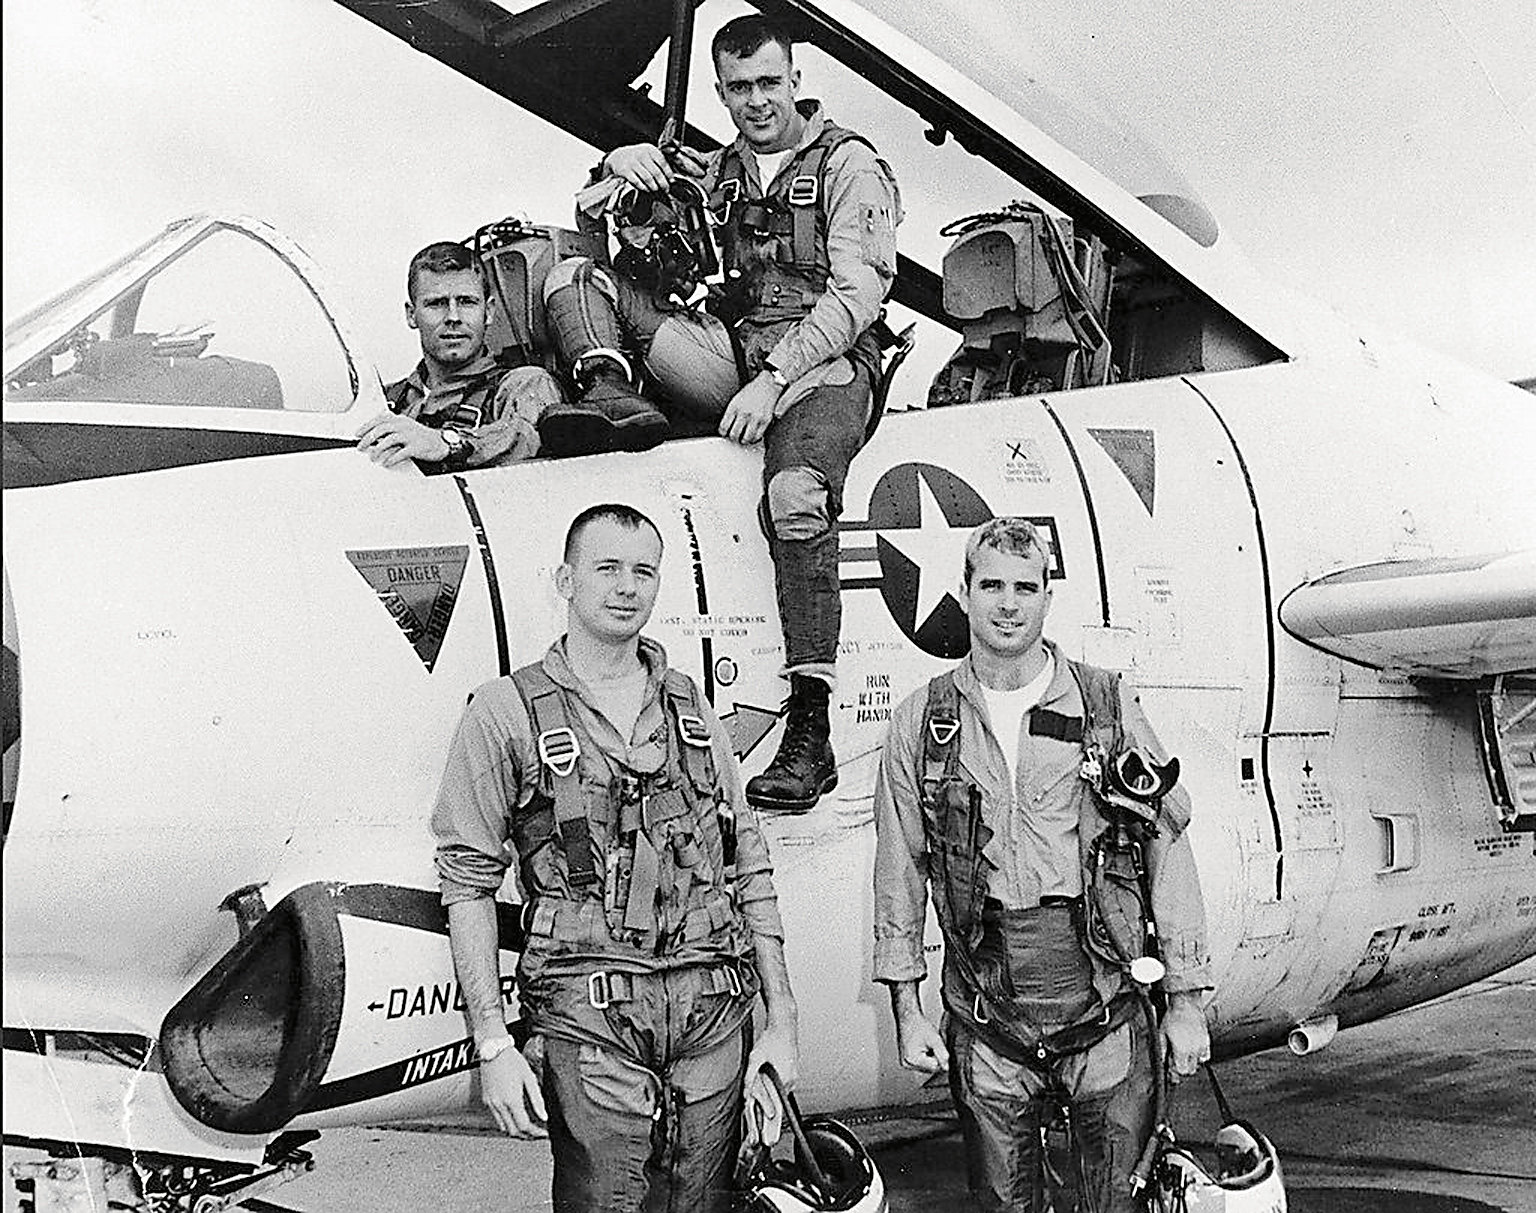 После того как воктябре 1967 года его штурмовик «Дуглас» А-4 был сбит надСеверным Вьетнамом, Маккейна (справа спереди) пять споловиной лет удерживали вплену.